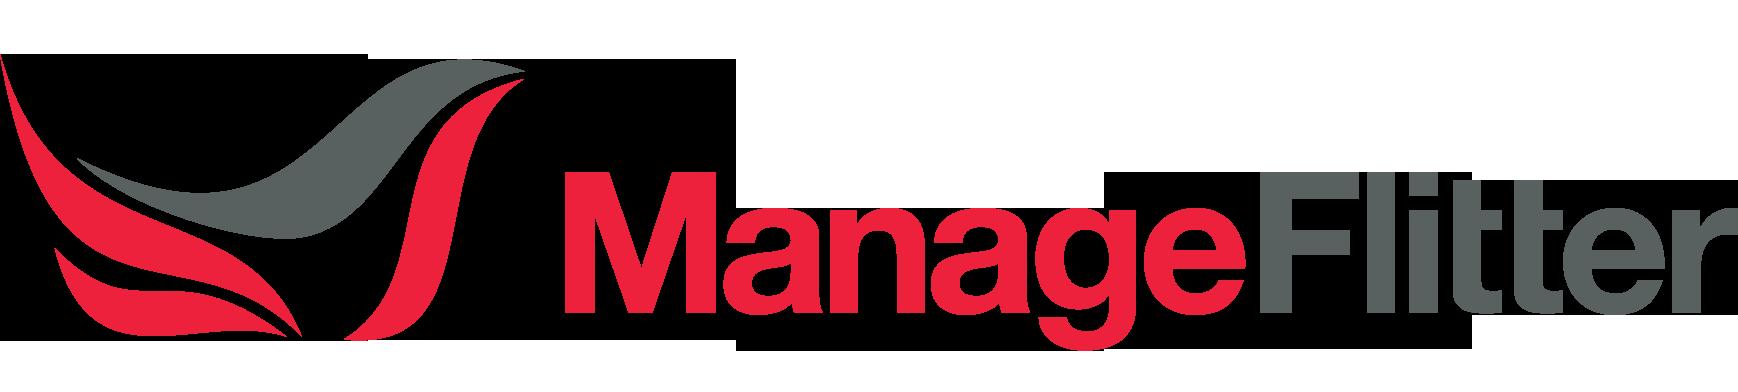 https://www.manageflitter.com/assets/img/logo-transparent.png?v=dc9d825c35